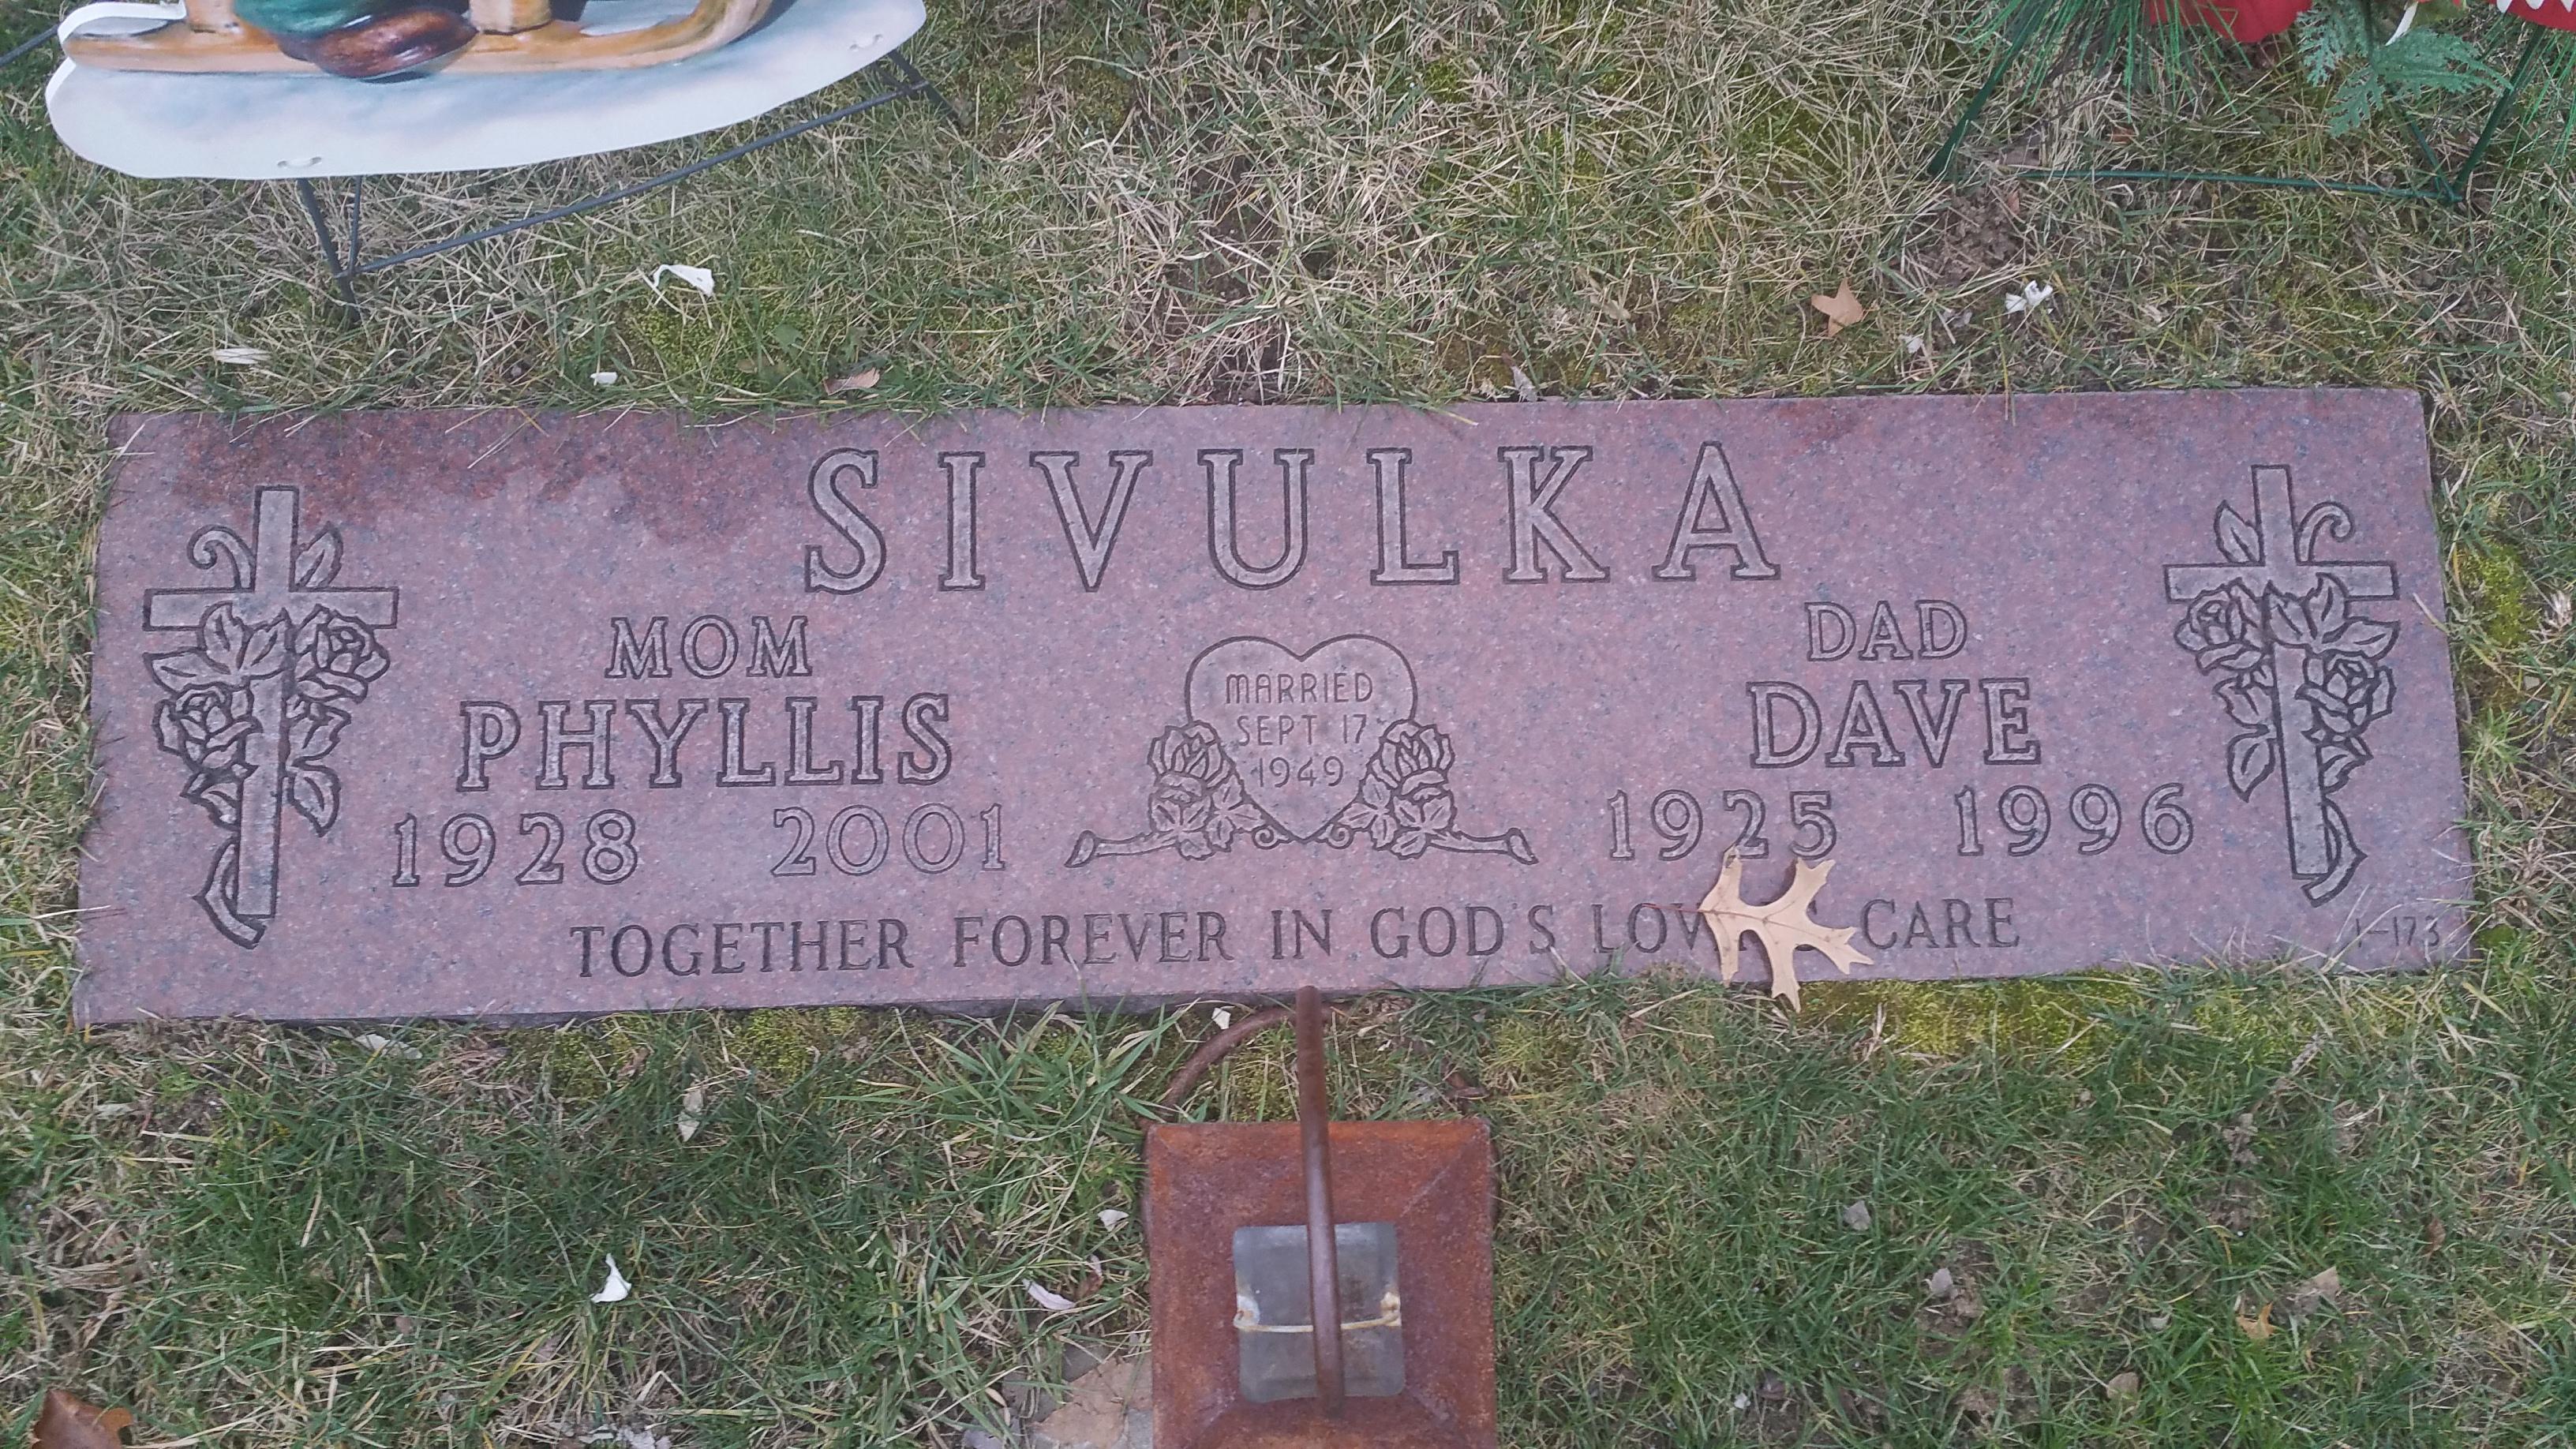 David Earl Sivulka